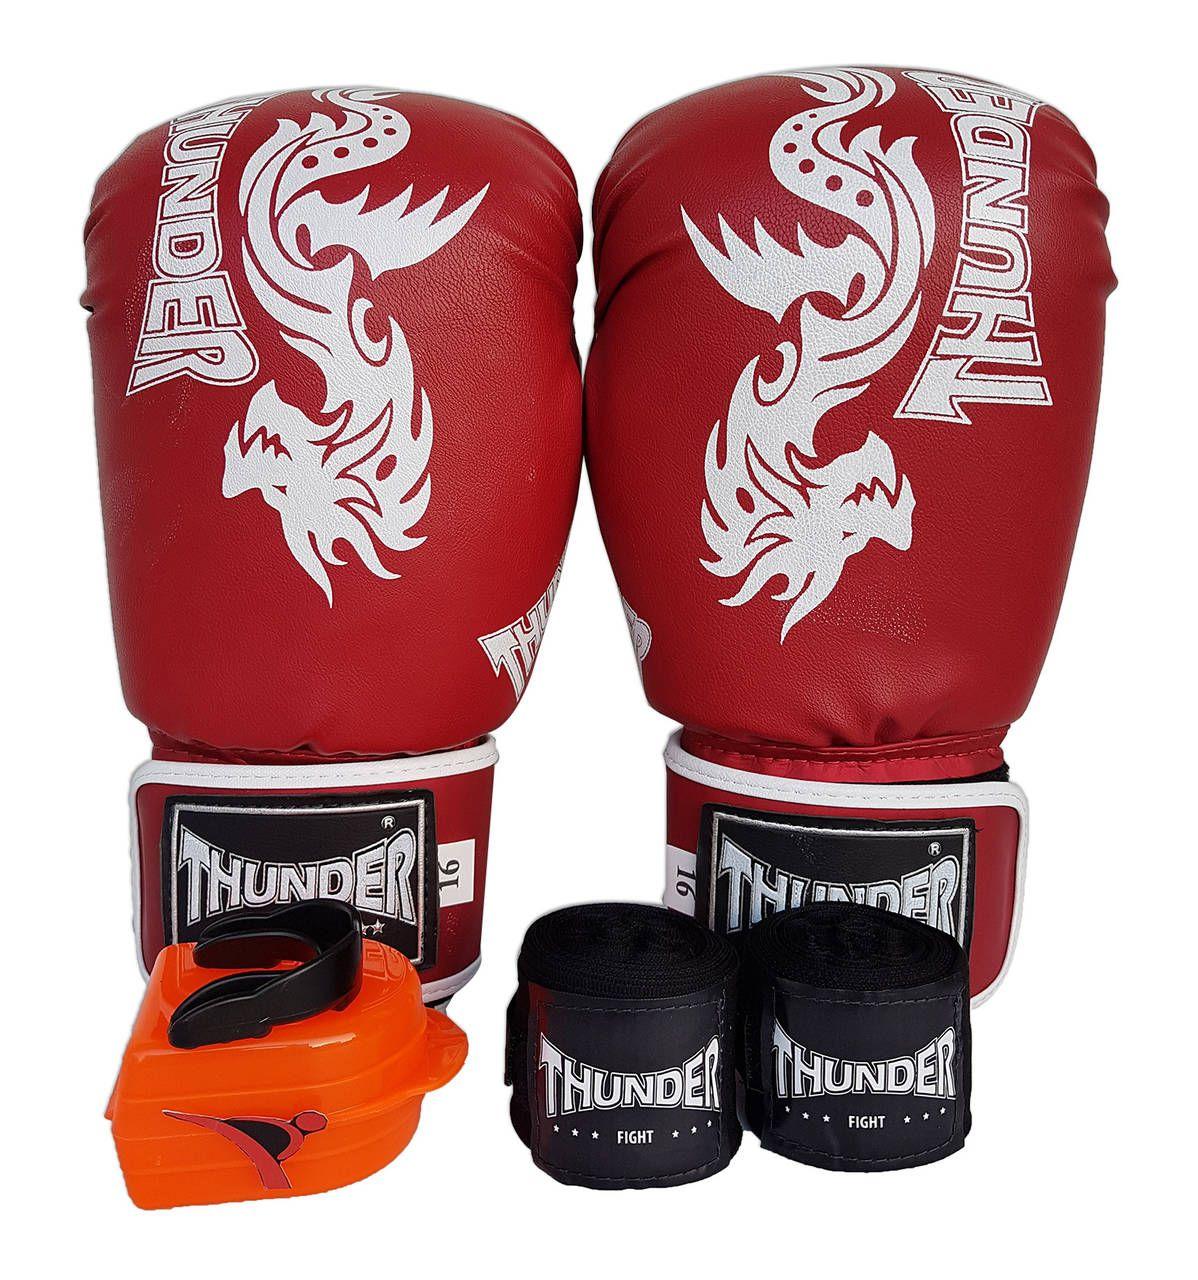 Kit de Boxe / Muay Thai 16oz - Vermelho Dragão - Thunder Fight  - PRALUTA SHOP